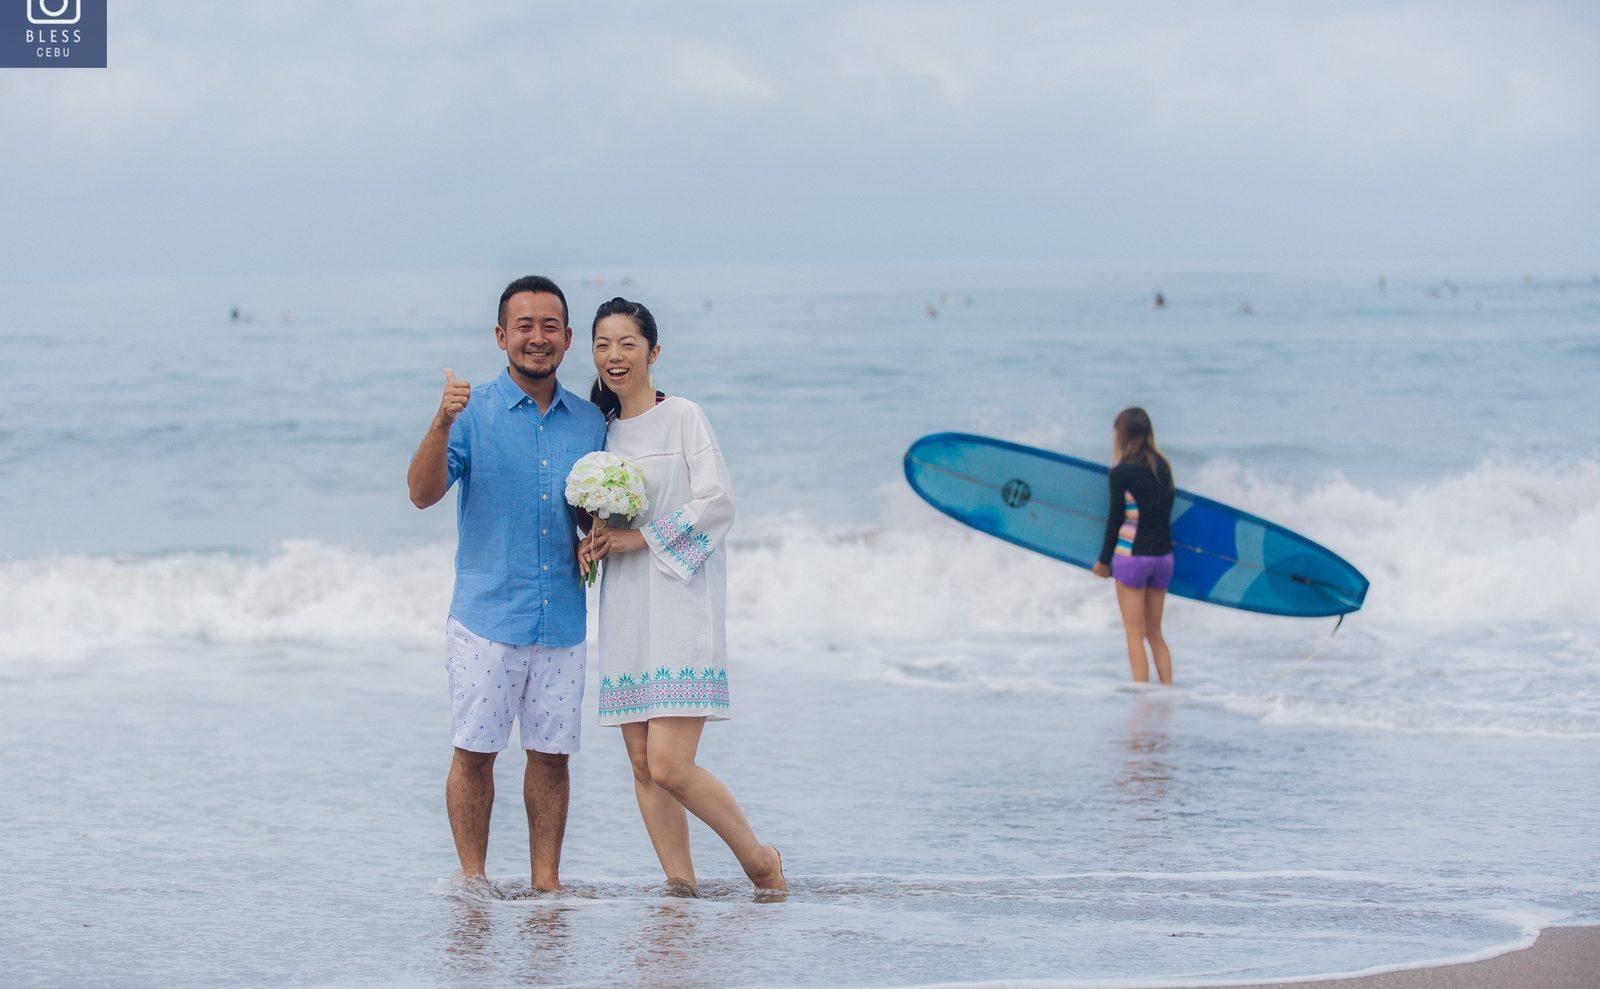 【お客様レポ#190】サーファーのお二人をチャングービーチで撮影!サーフィンフォトも K&E様